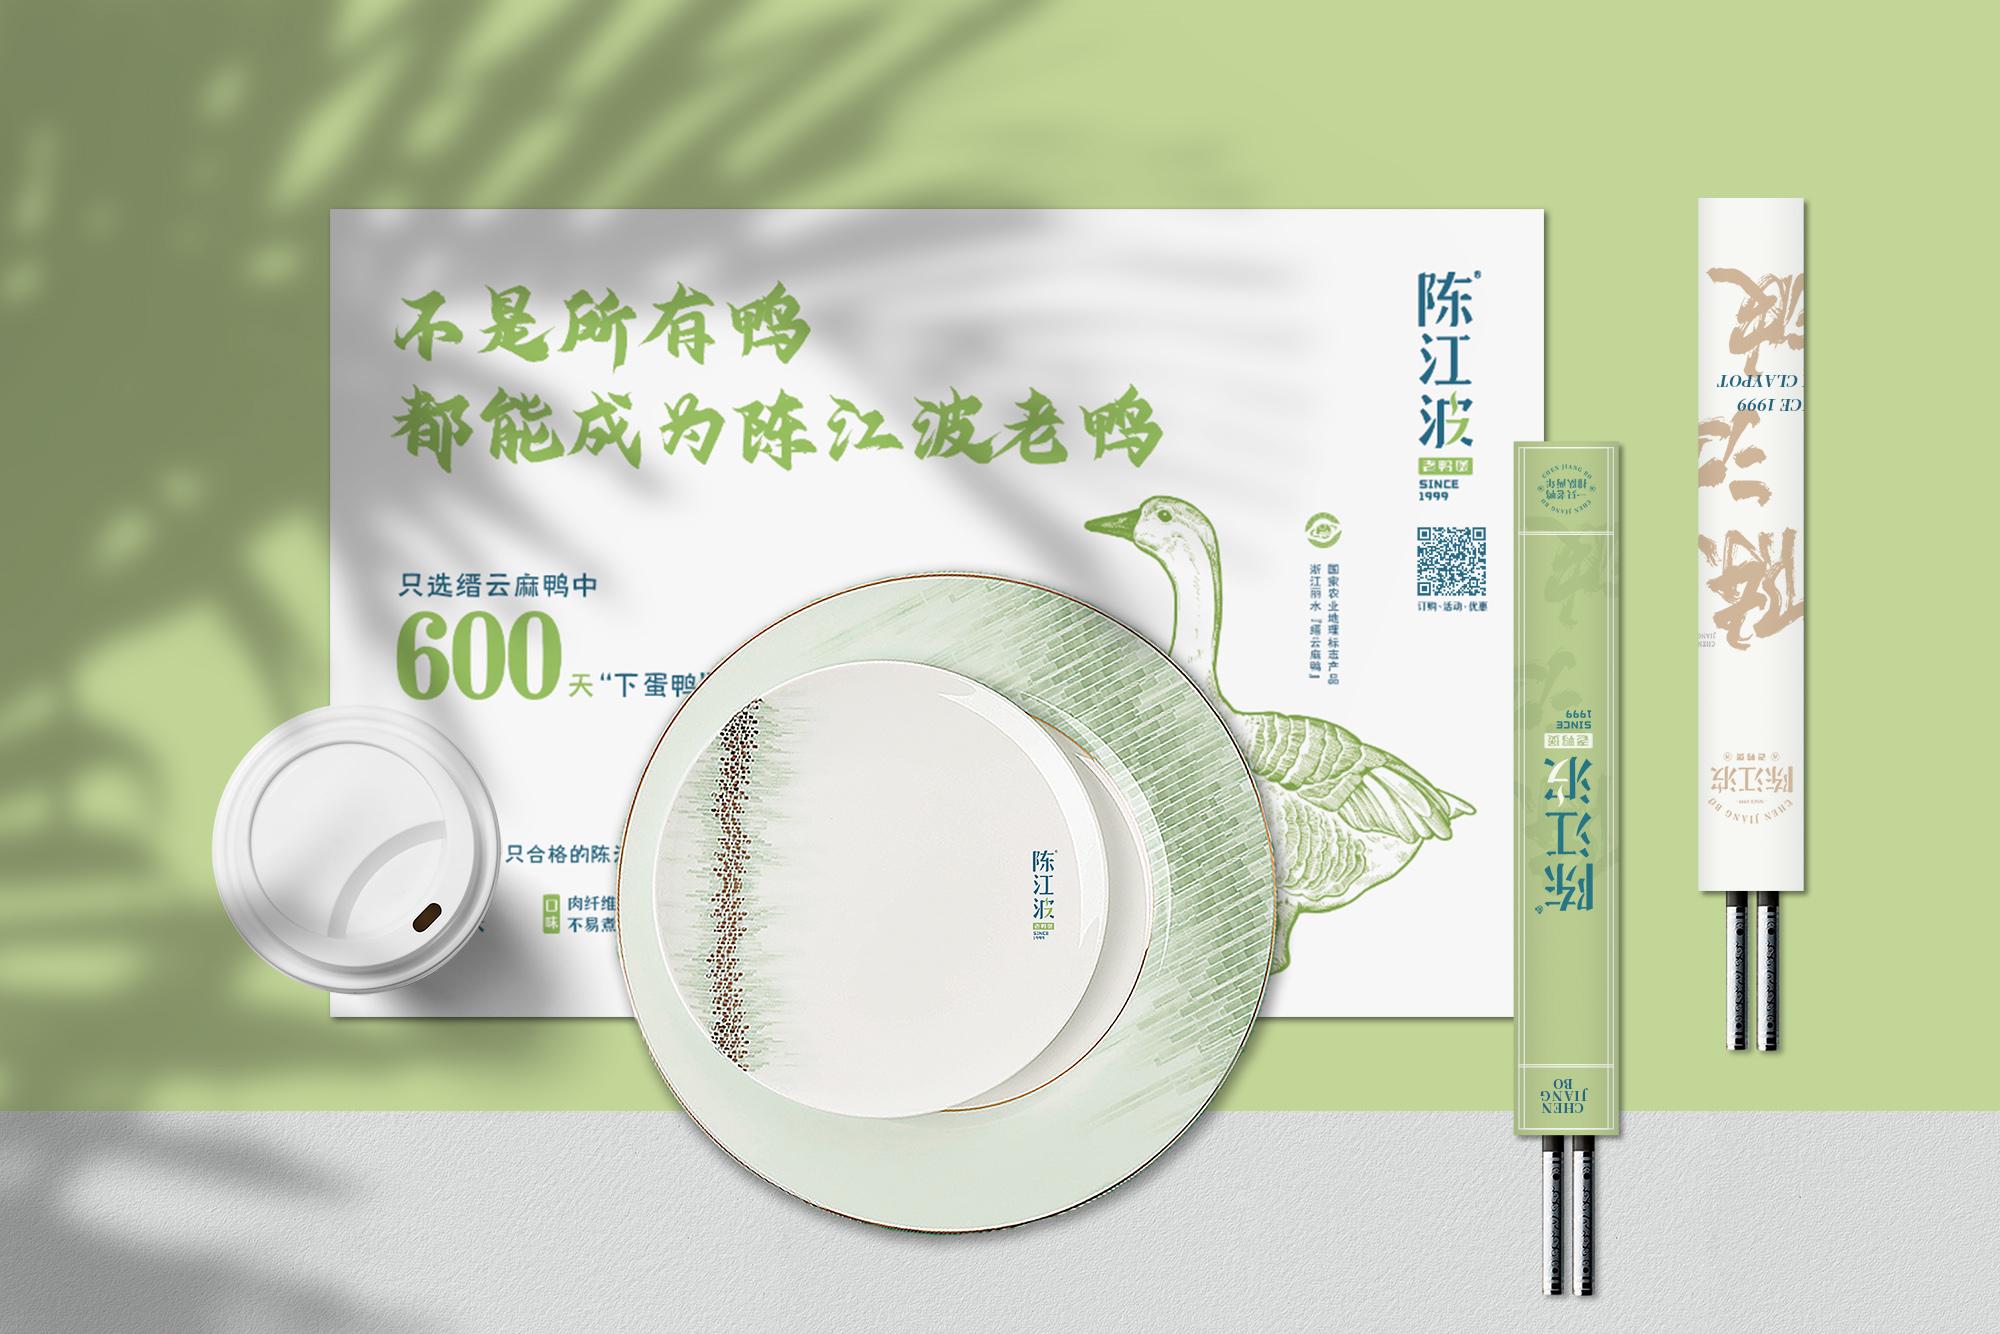 陈江波老鸭煲品牌策划设计-杭州达岸品牌策划设计公司